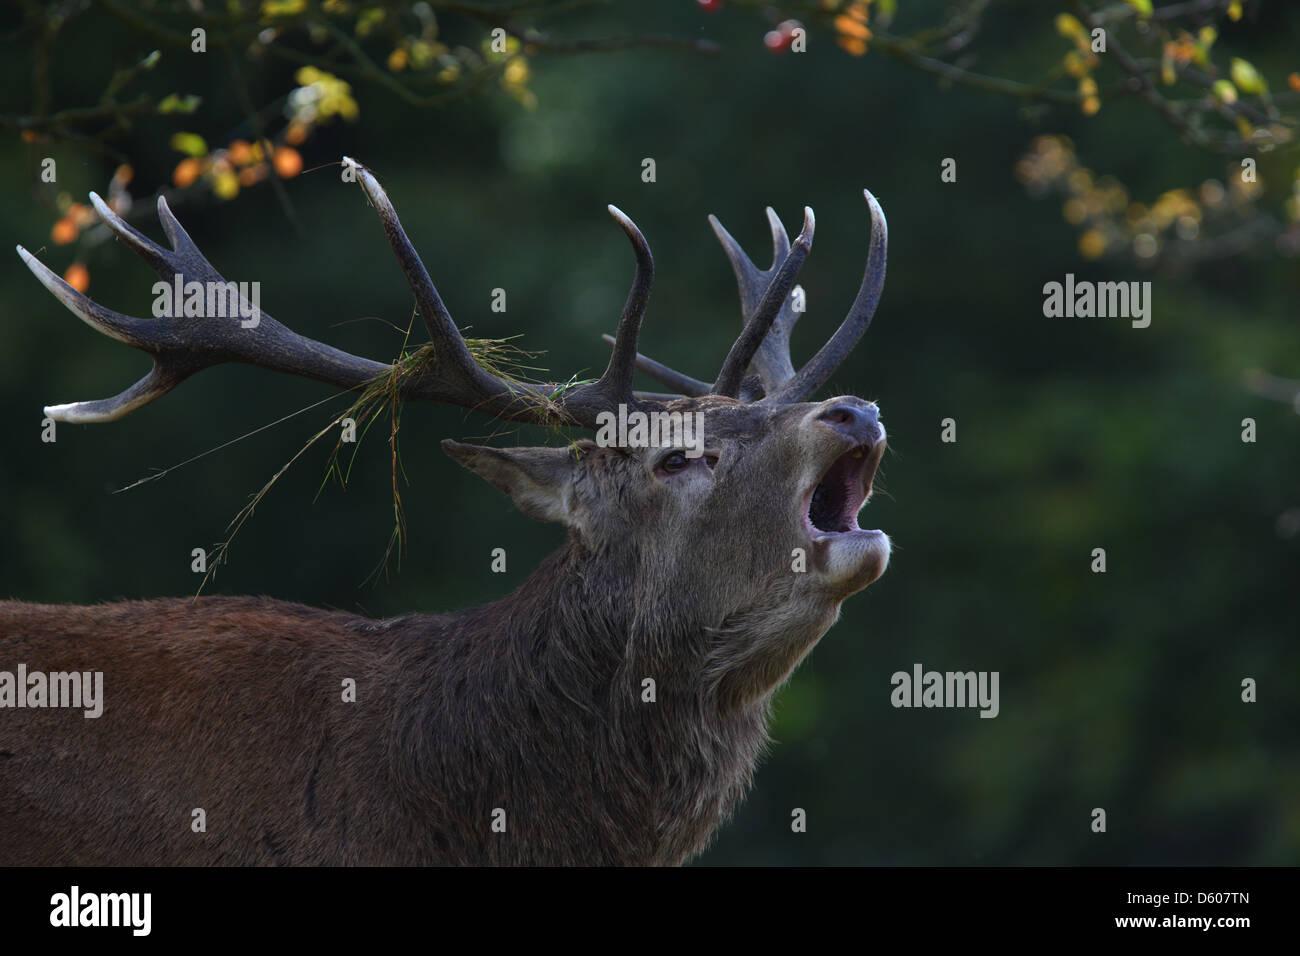 Roaring Red Deer (Cervus elaphus), Europe - Stock Image